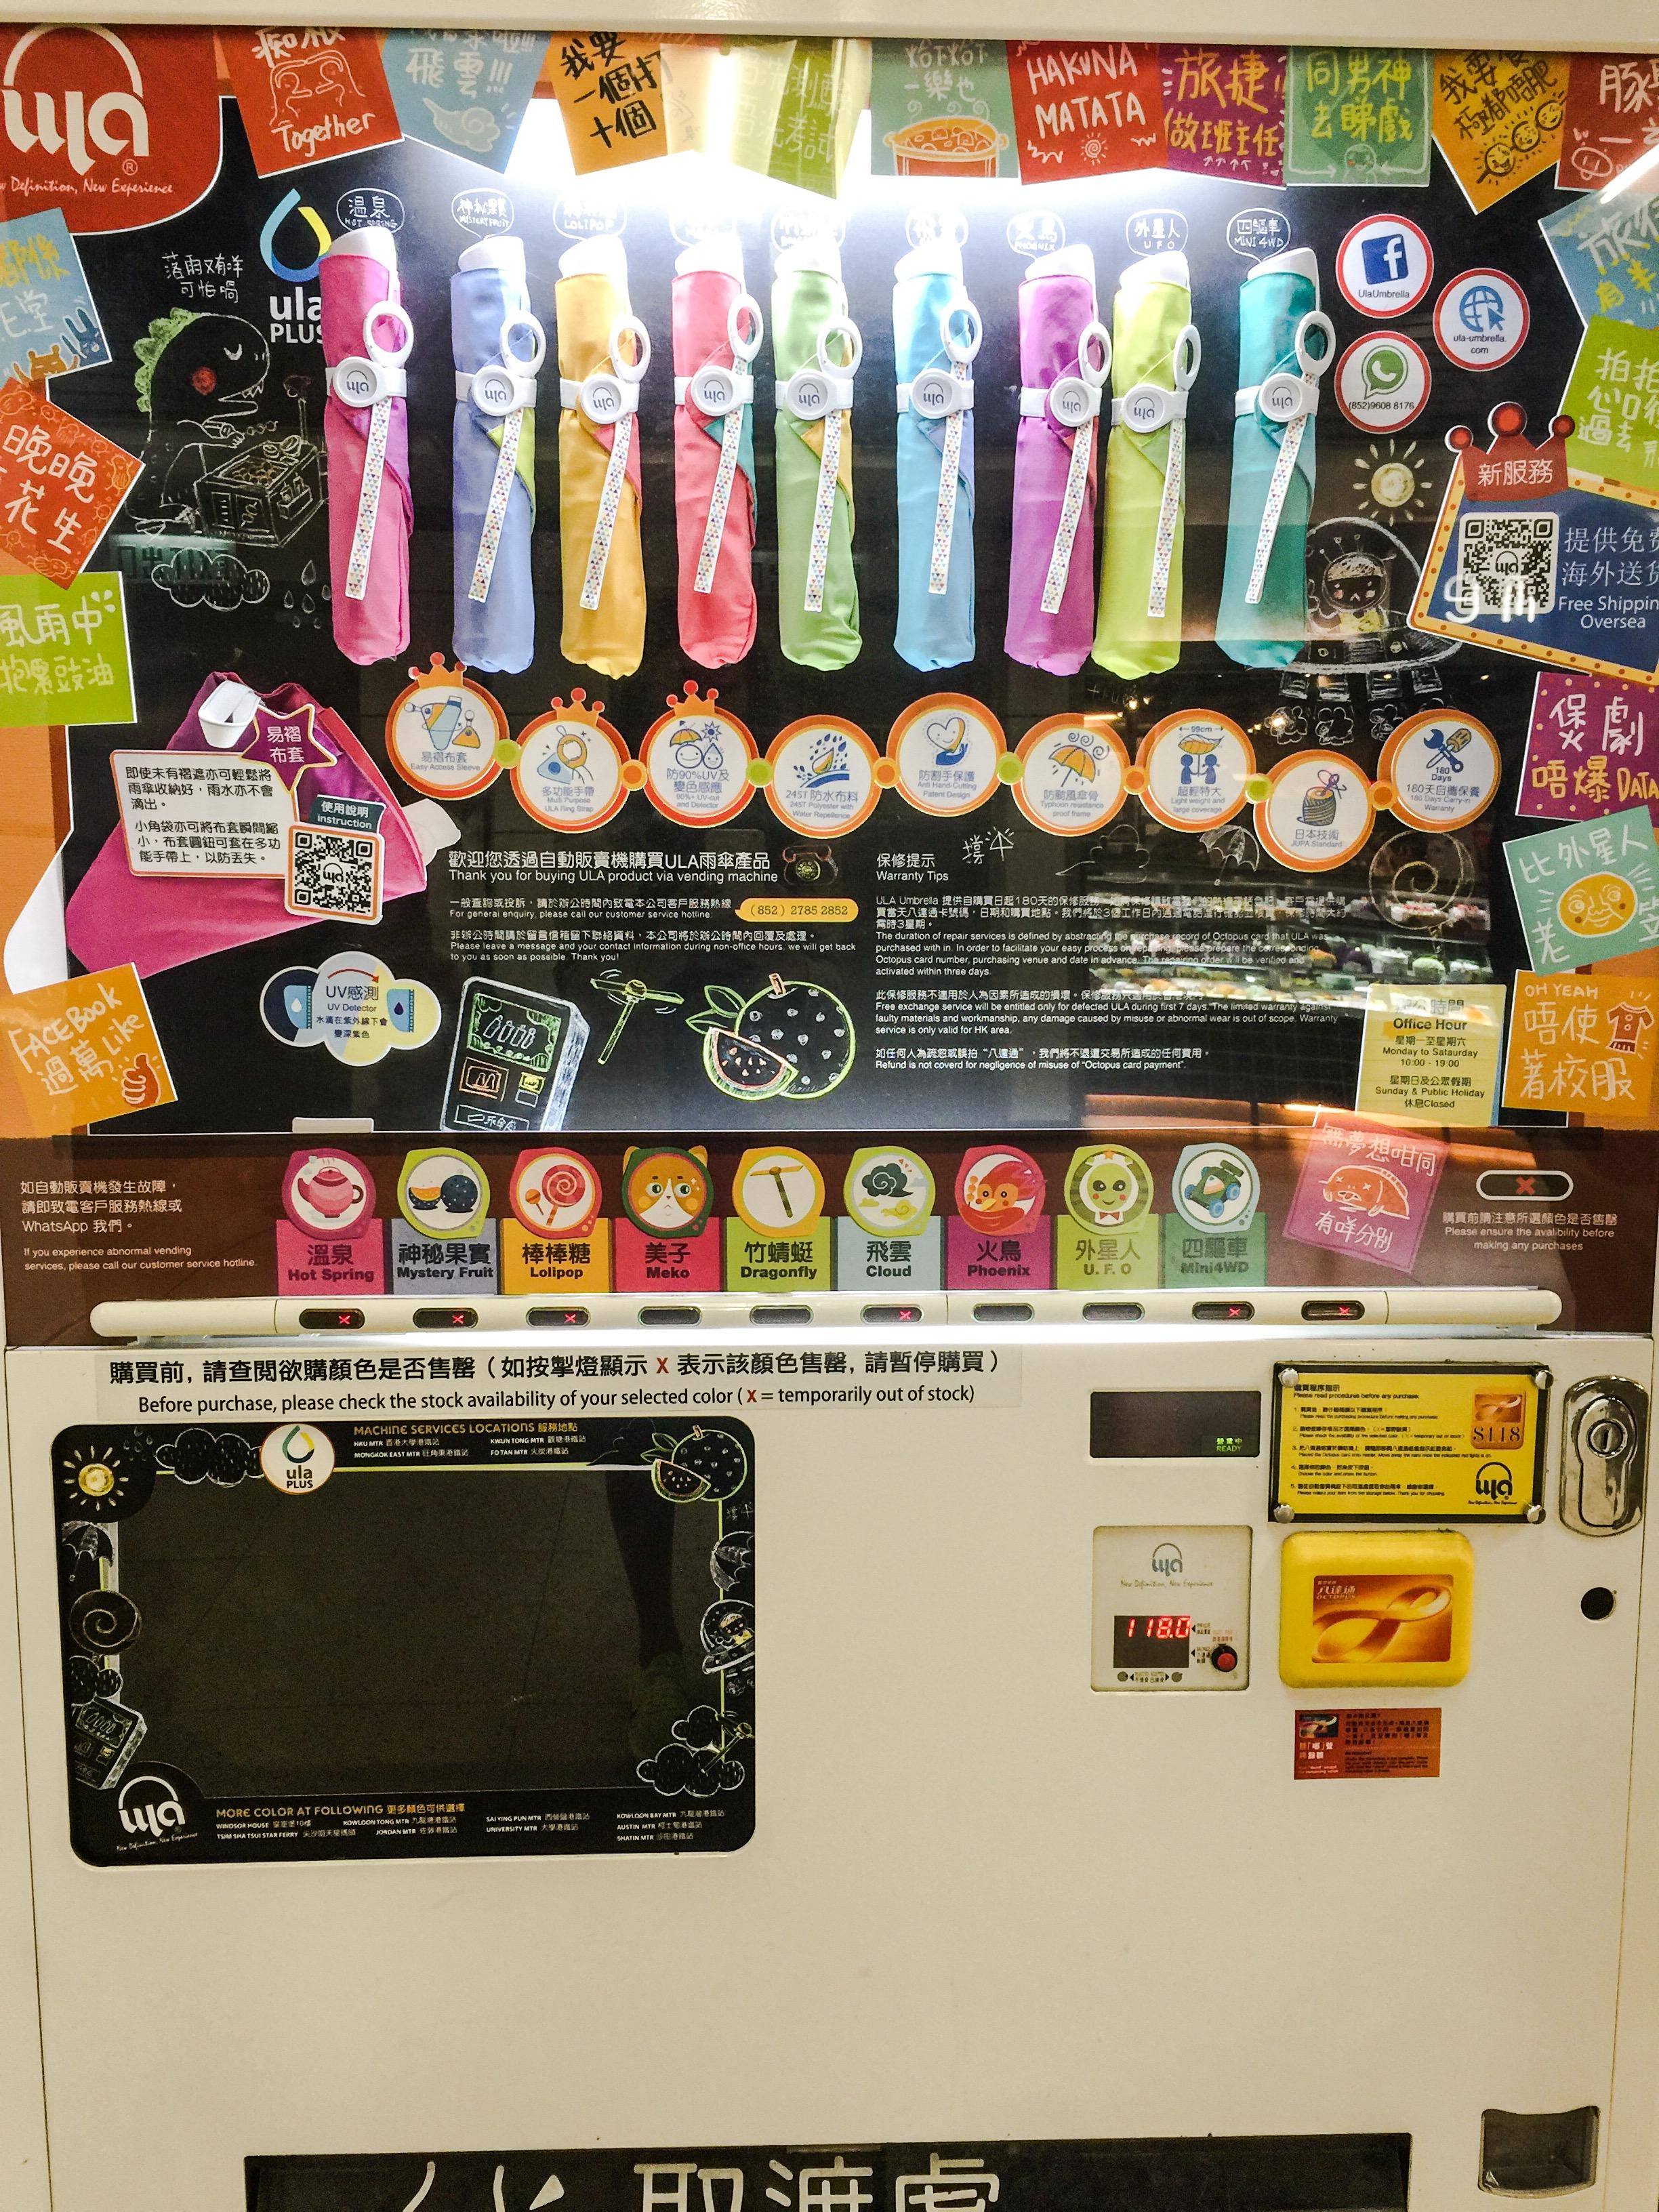 Vending machines dedicated to umbrellas.